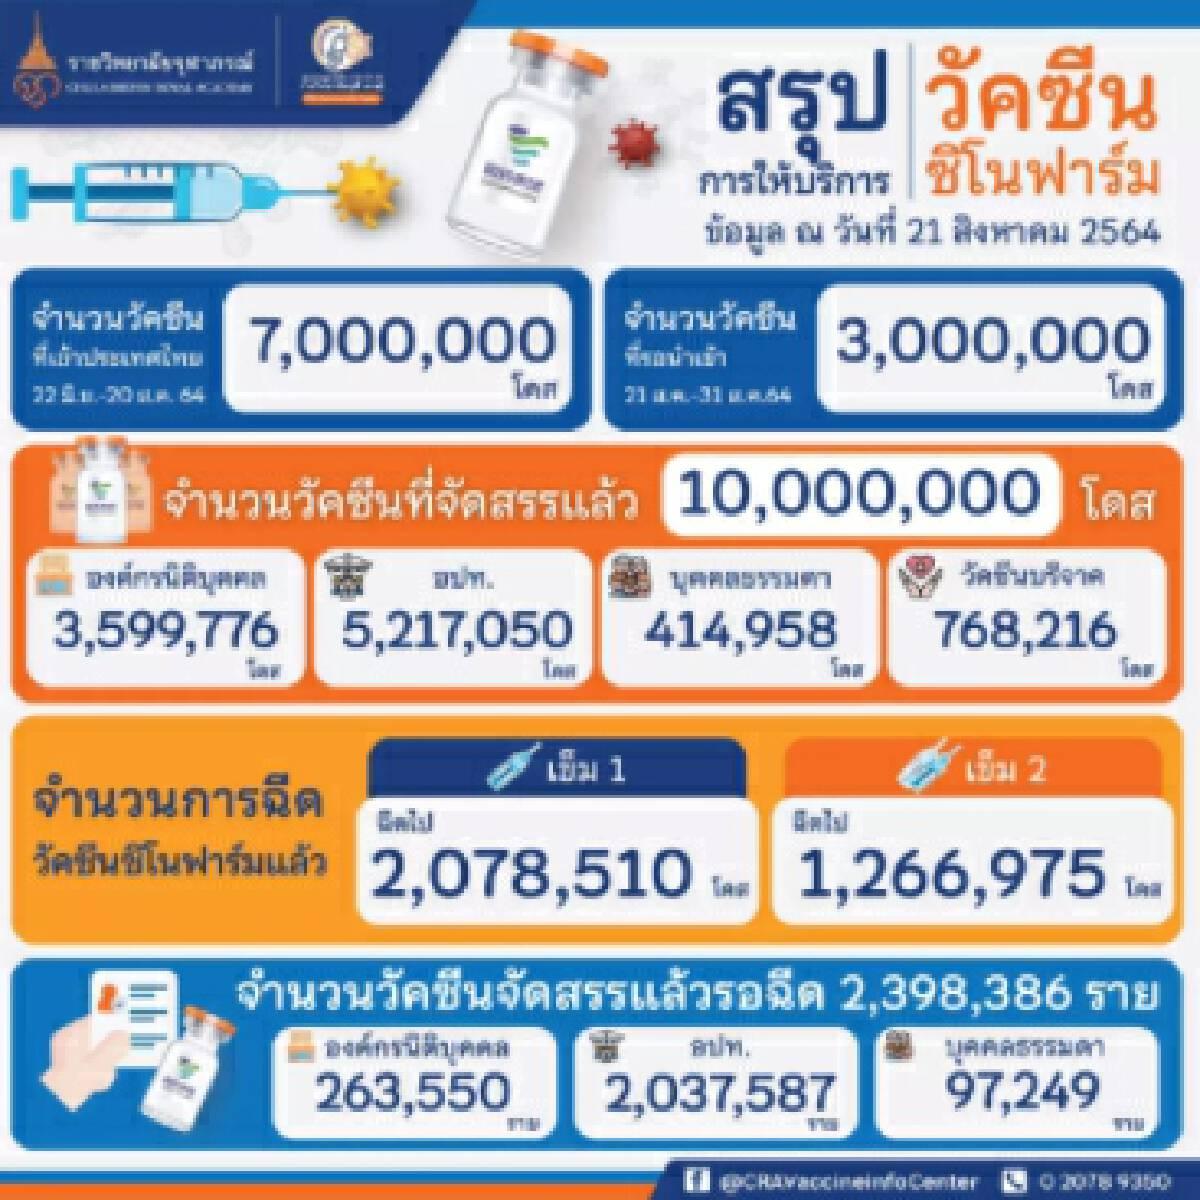 """มาอีก 2 ล้านโดส """"วัคซีนซิโนฟาร์ม"""" ถึงไทย เหลืออีก 1 ครบ 10 ล้านโดส"""